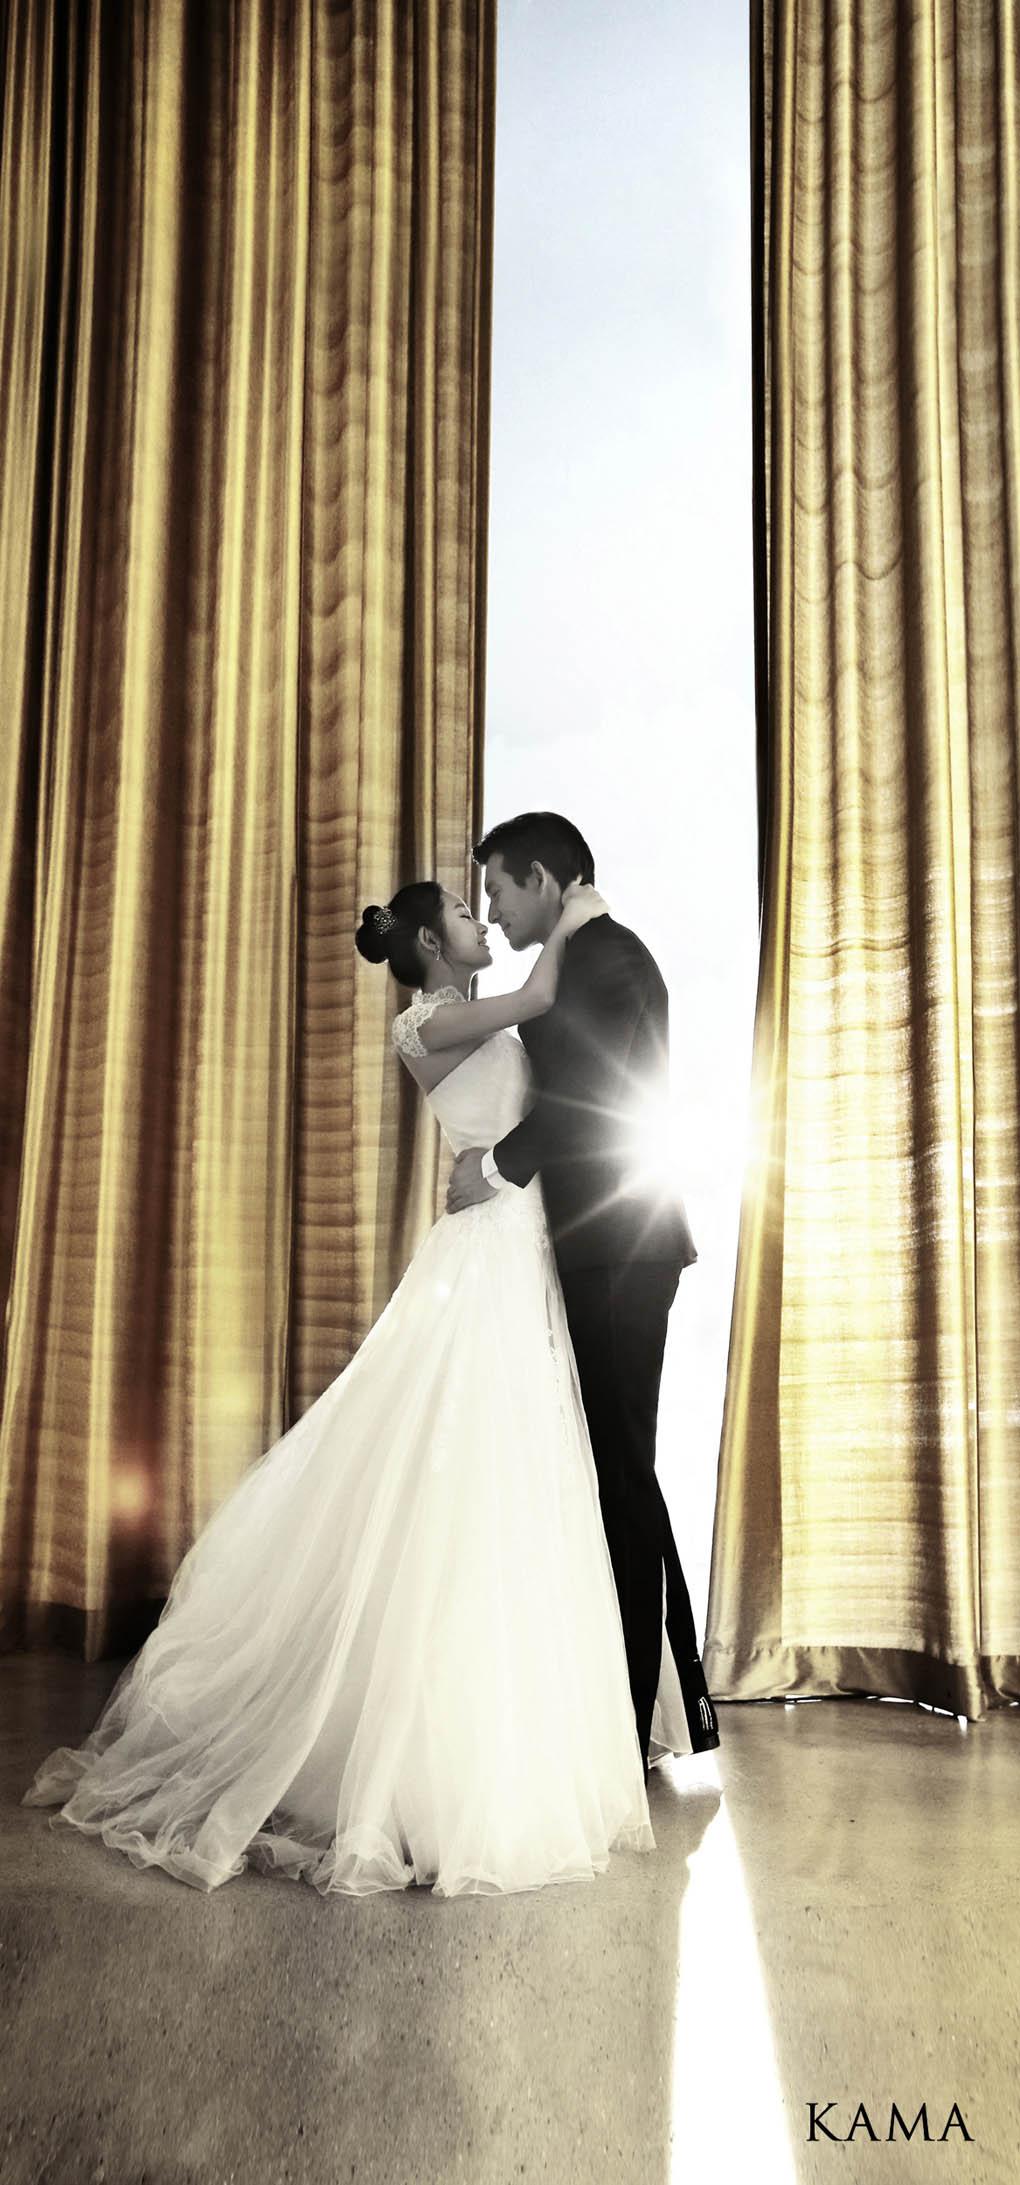 吳志浩公開婚紗照 幸福之情溢於言表_2